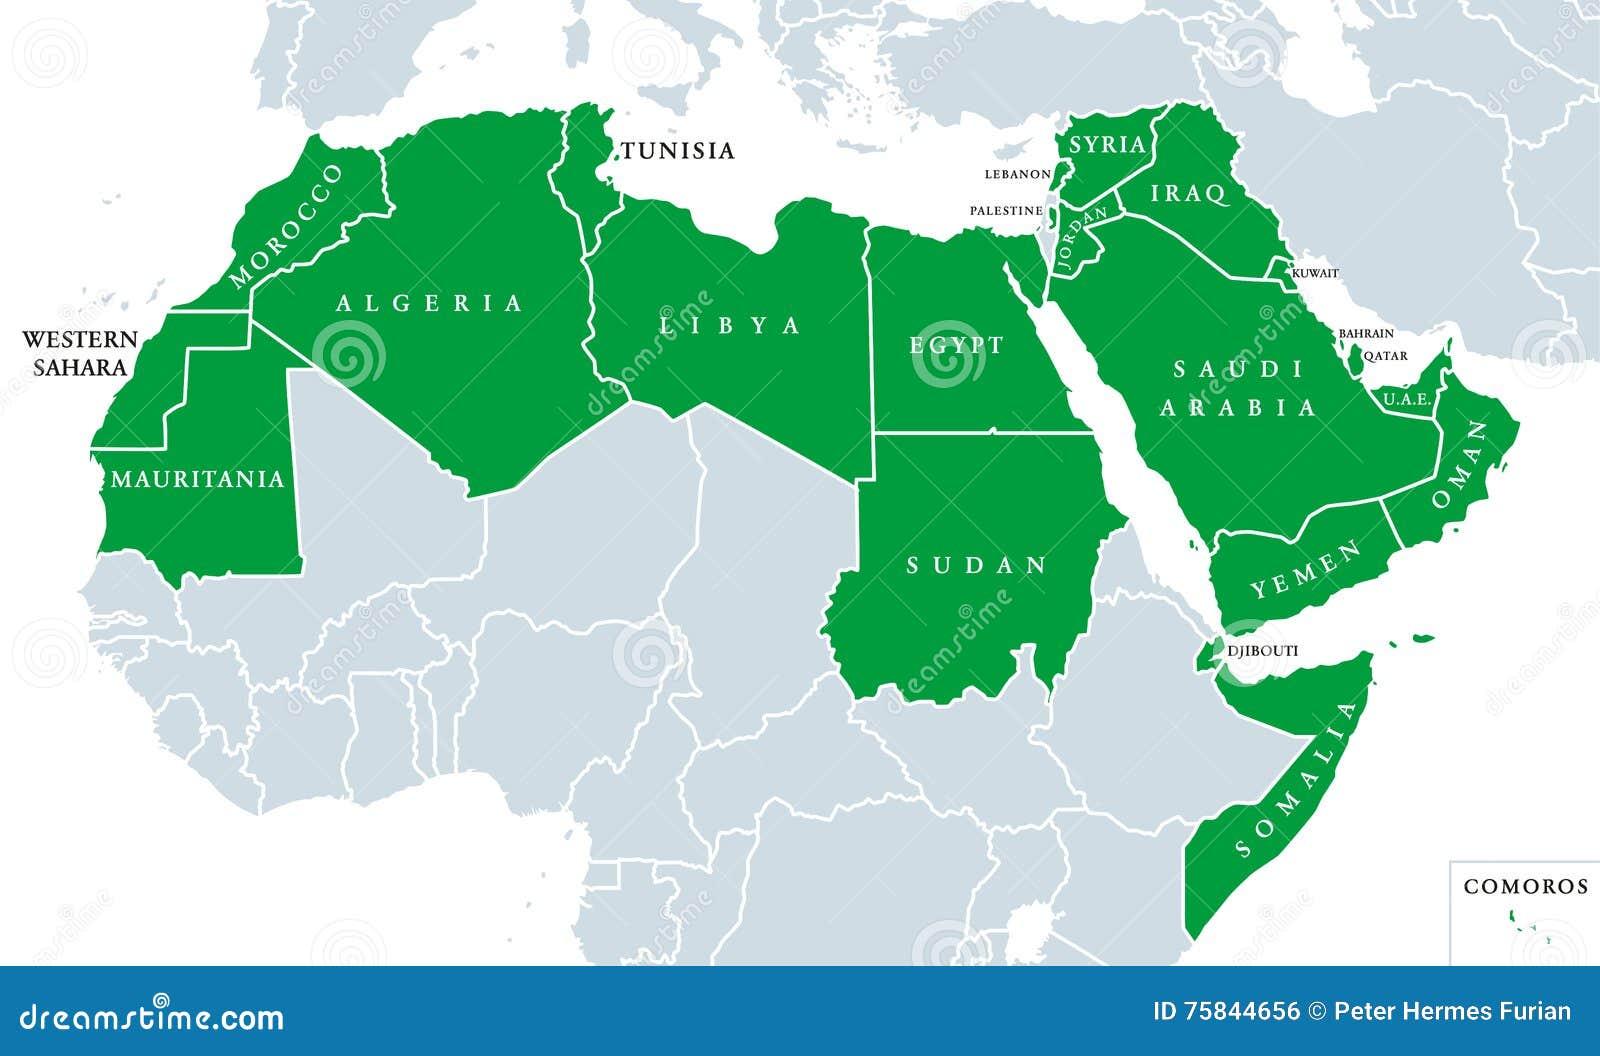 Mondo Arabo Cartina.Mappa Politica Del Mondo Arabo Illustrazione Vettoriale Illustrazione Di Oman Cartografia 75844656